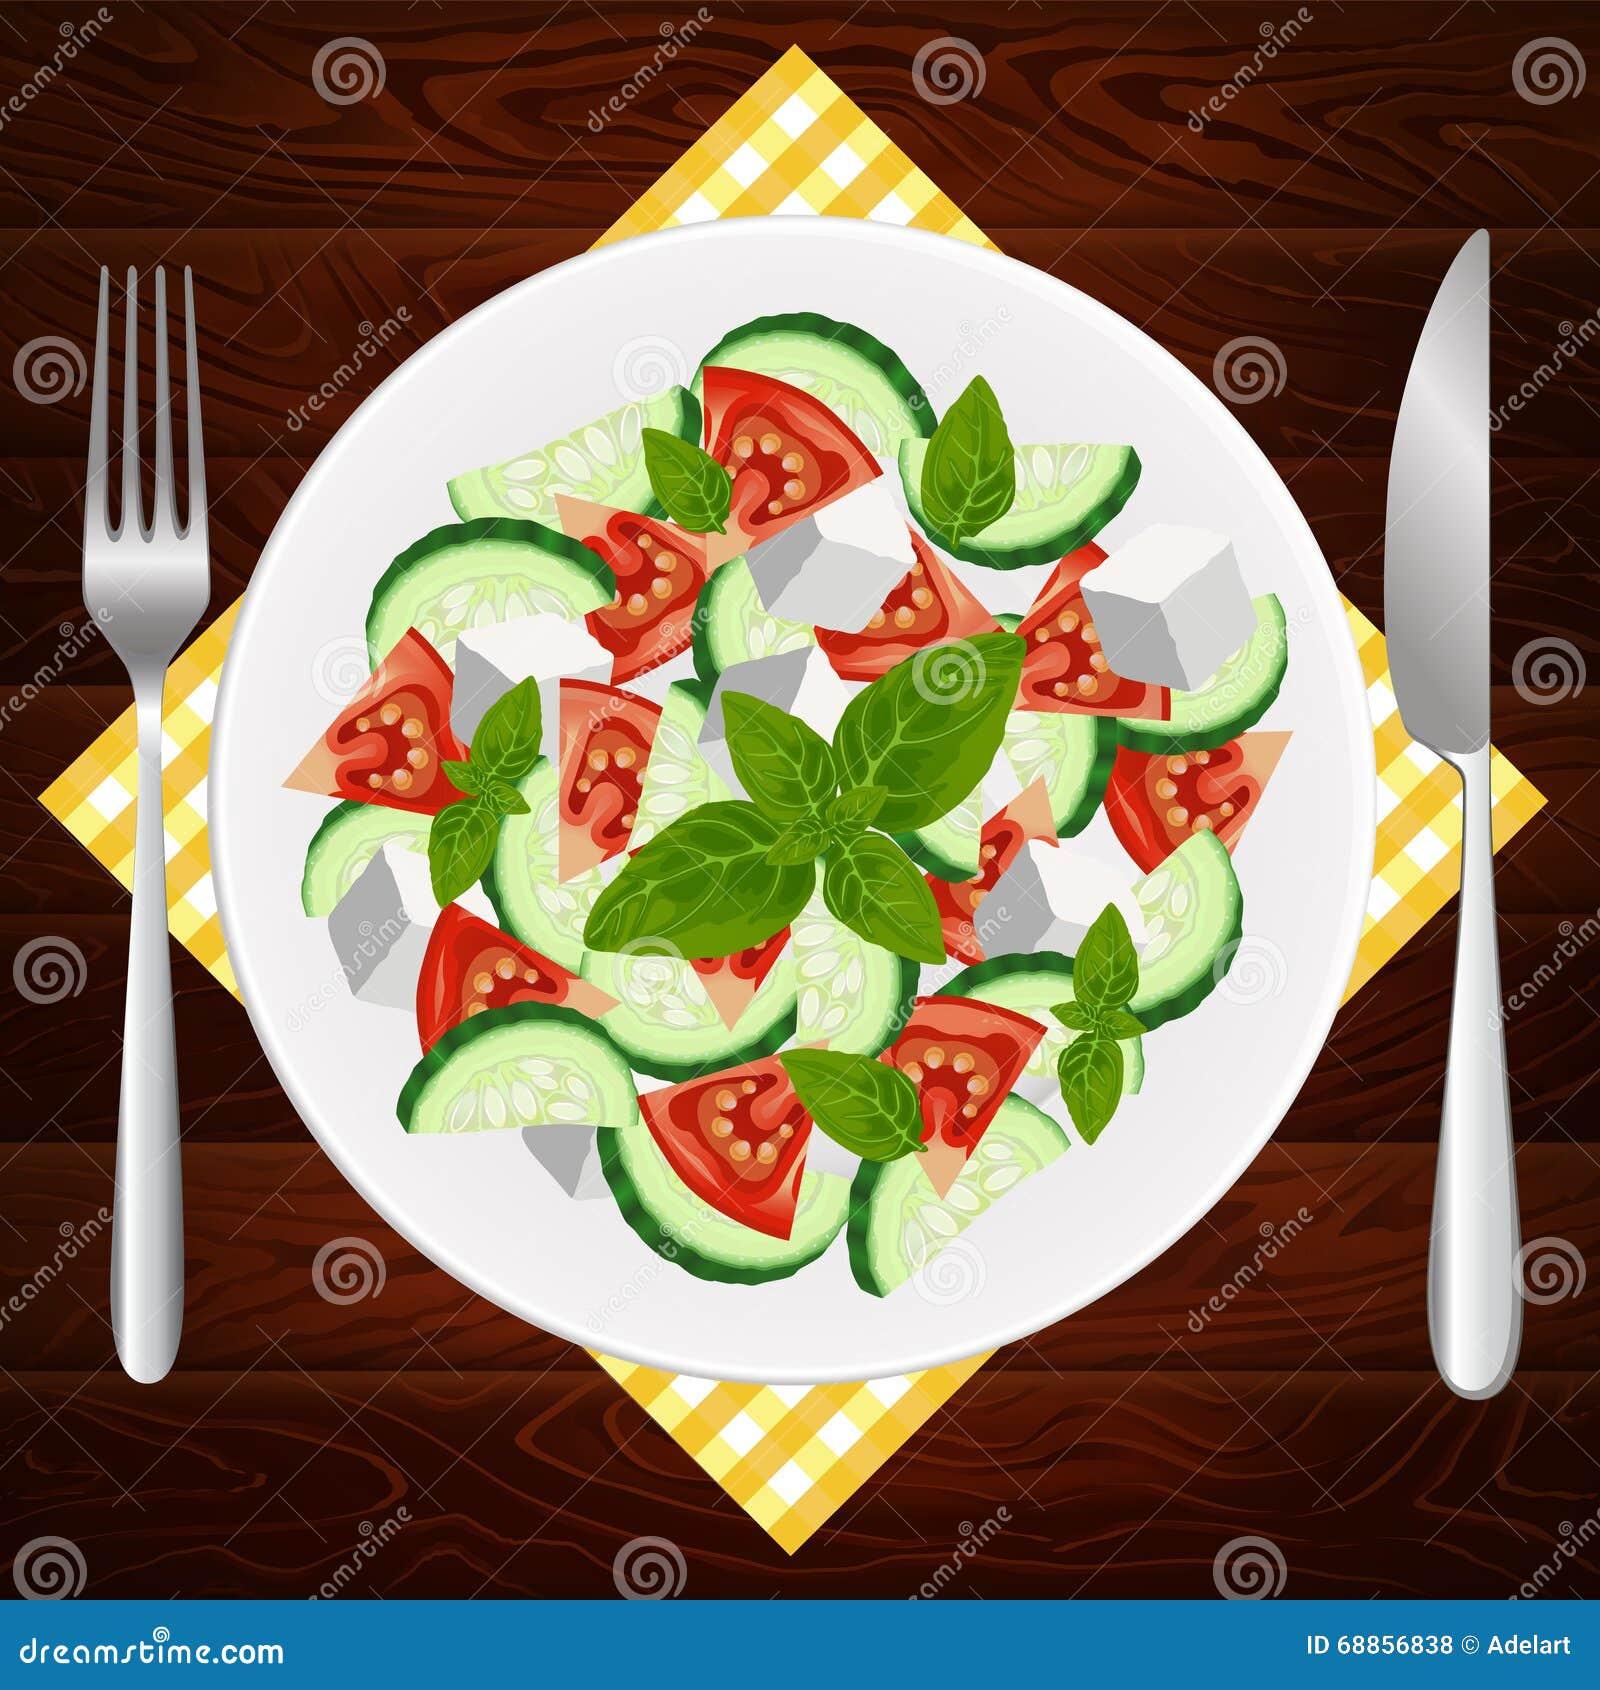 PÓŁKOWEJ rozwidlenie NOŻOWEJ diety FETA GRECKI basil